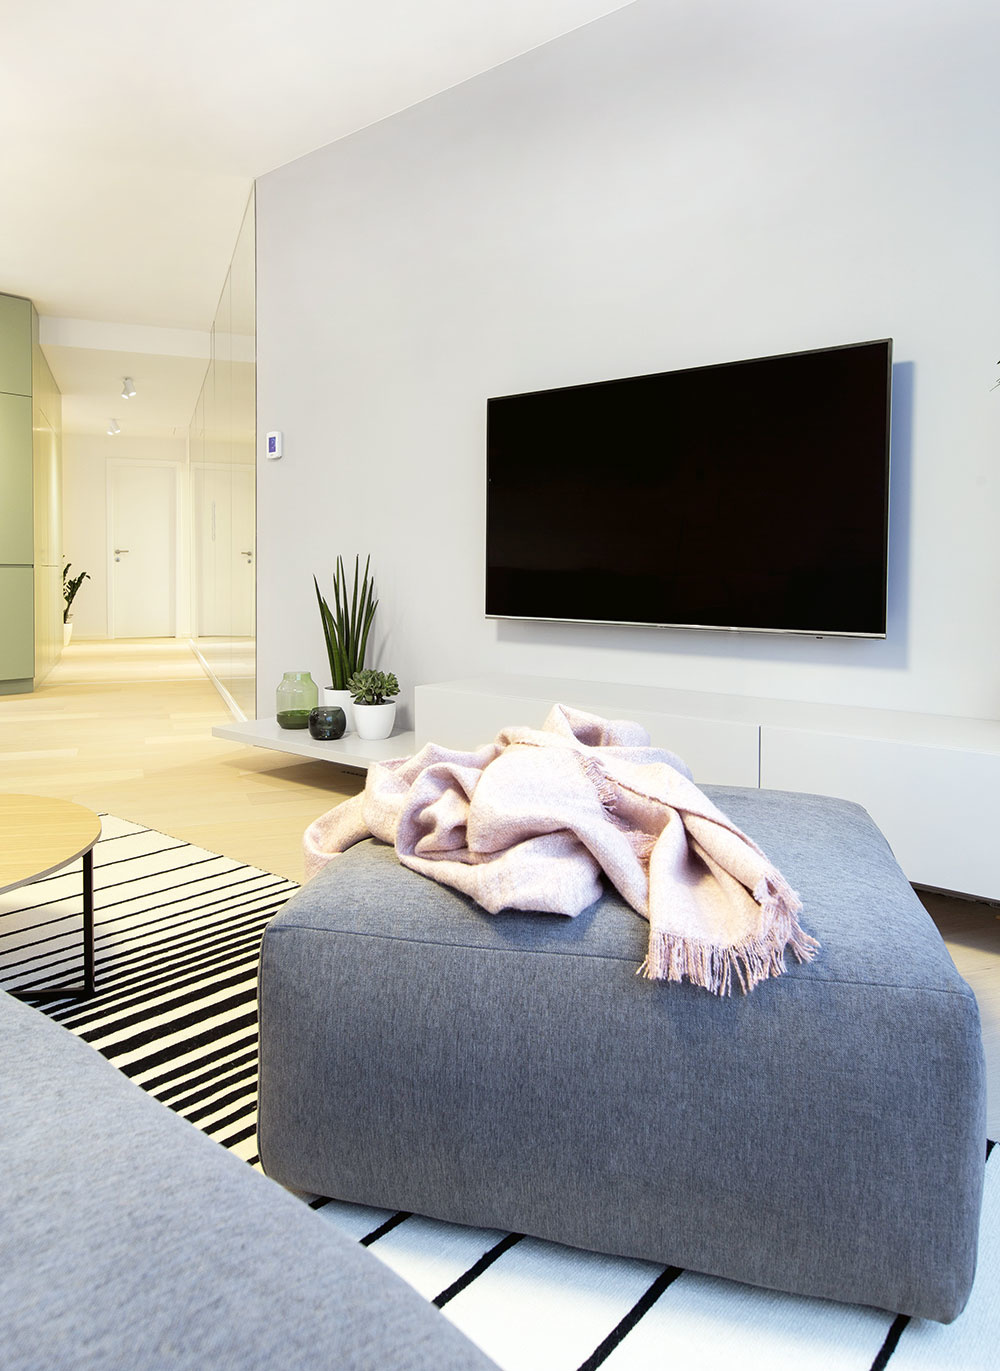 PRI MONOCHROMATICKÝCH STENÁCH asivej sedačke vyniká vobývačke drevená podlaha azávesy skobercami, ktoré dodávajú priestoru komfortný aútulný nádych.